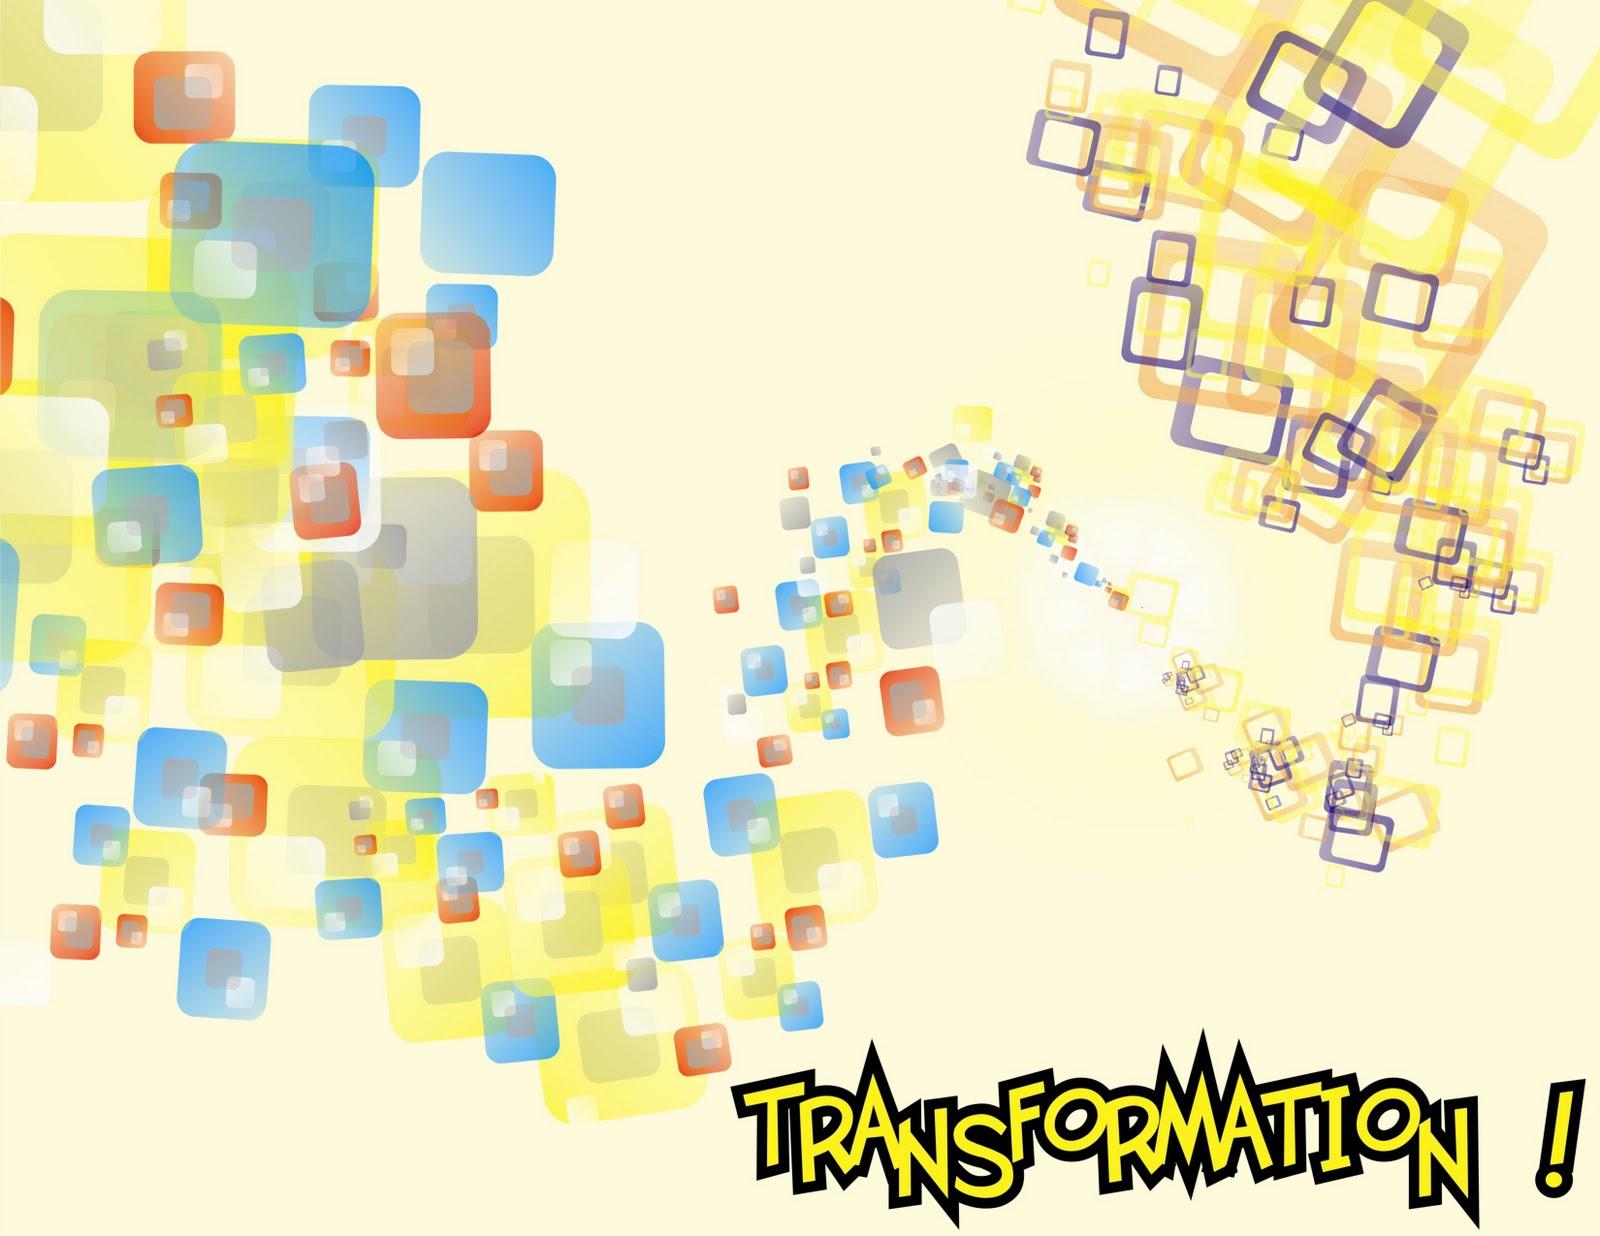 http://1.bp.blogspot.com/-hQFO3Ll-fR8/TvmO2Jmfk_I/AAAAAAAAAEU/B04d4fVzER8/s1600/Transformation%2521.jpg